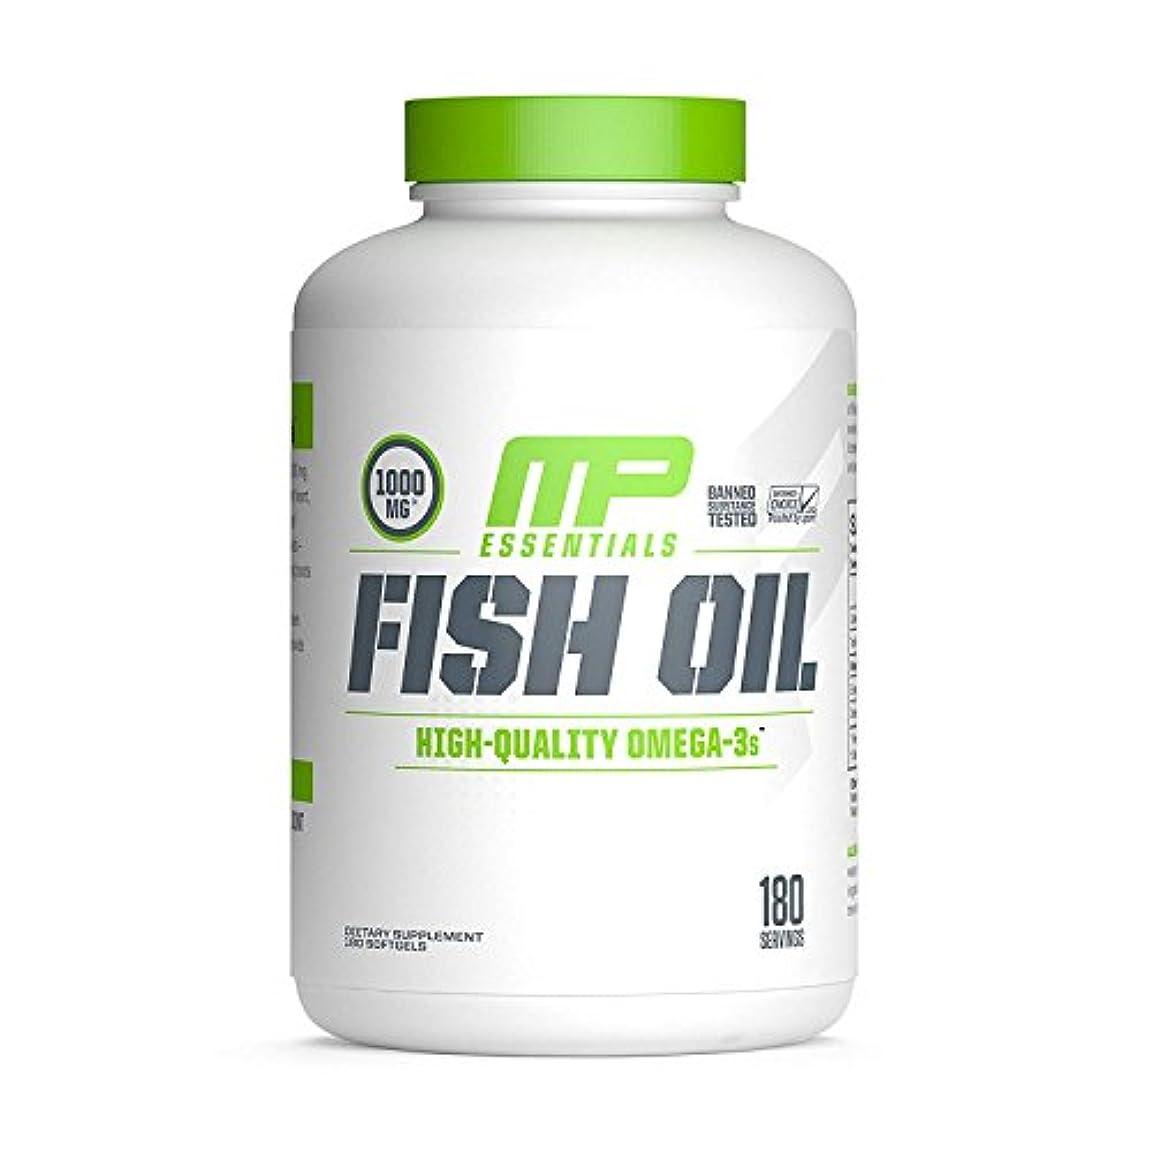 冊子作業ごちそう海外直送品 MusclePharm, Fish Oil Essentials 180 Servings [並行輸入品]